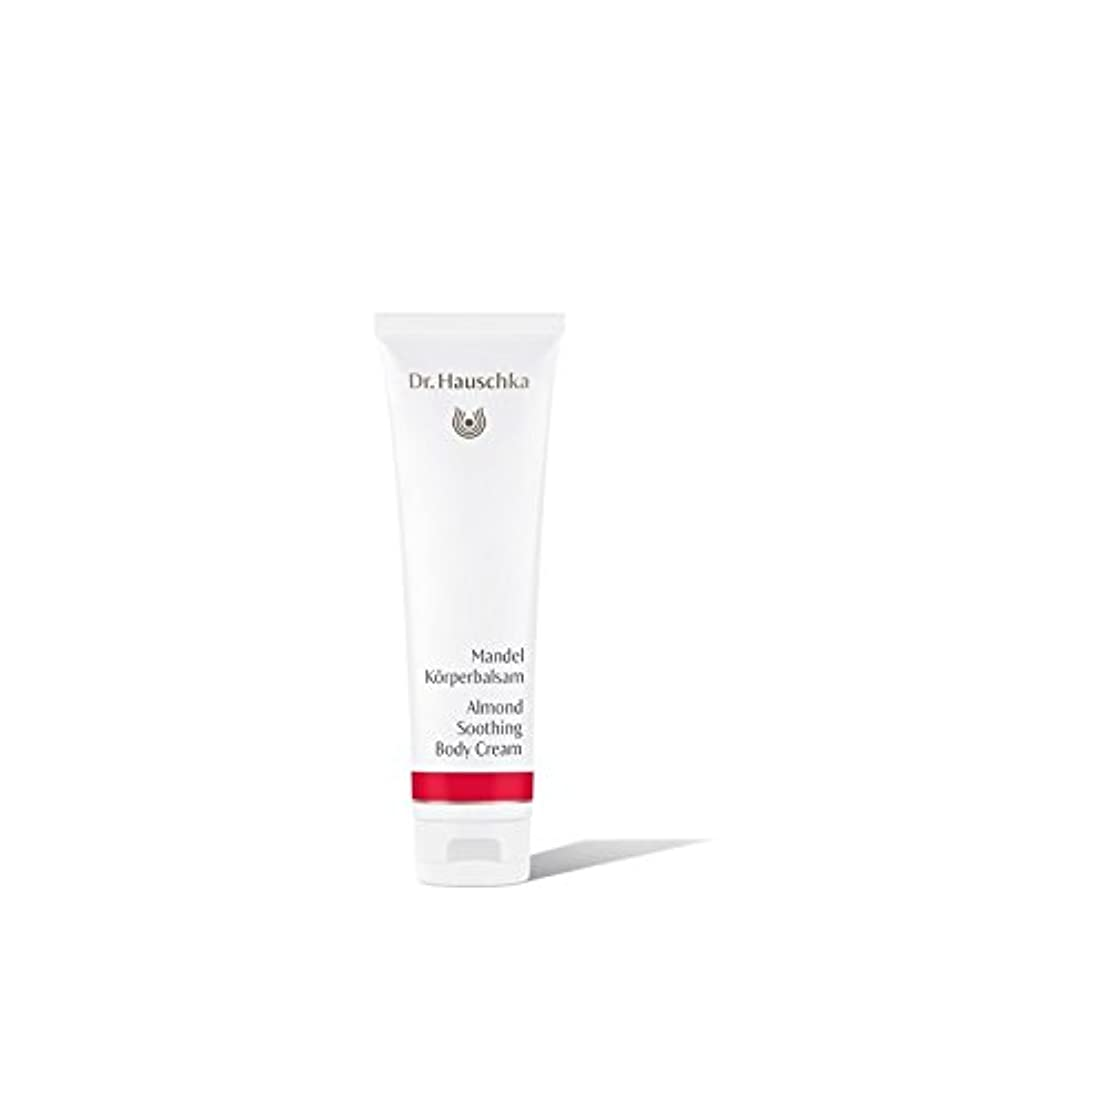 入射クローン無効にするDr. Hauschka Almond Soothing Body Cream (145ml) (Pack of 6) - ハウシュカアーモンドなだめるボディクリーム(145ミリリットル) x6 [並行輸入品]